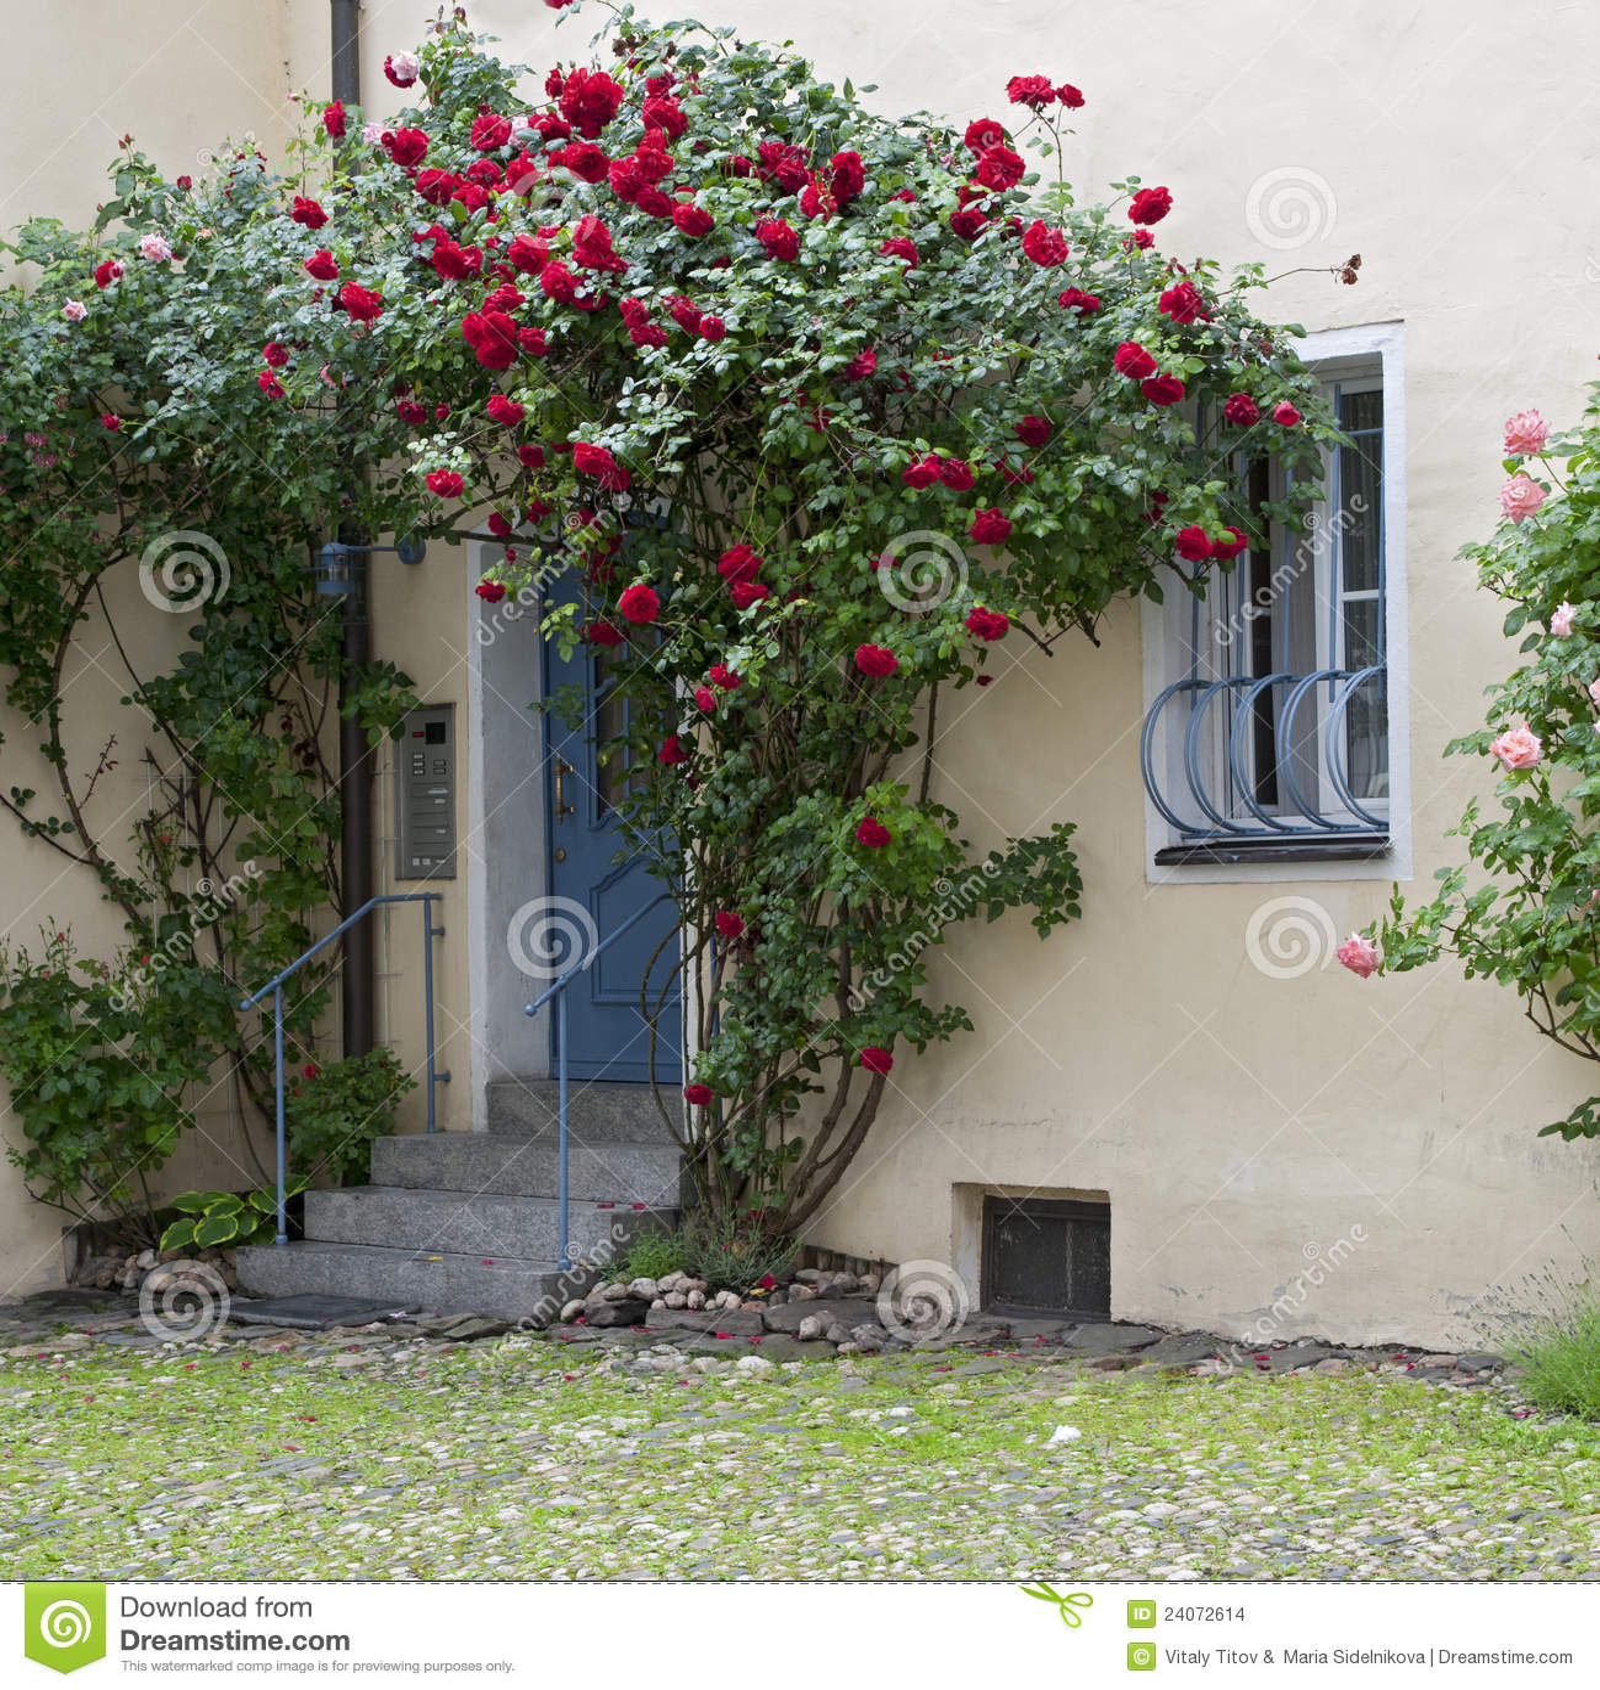 巴伐利亚门德国浪漫玫瑰包围围场.